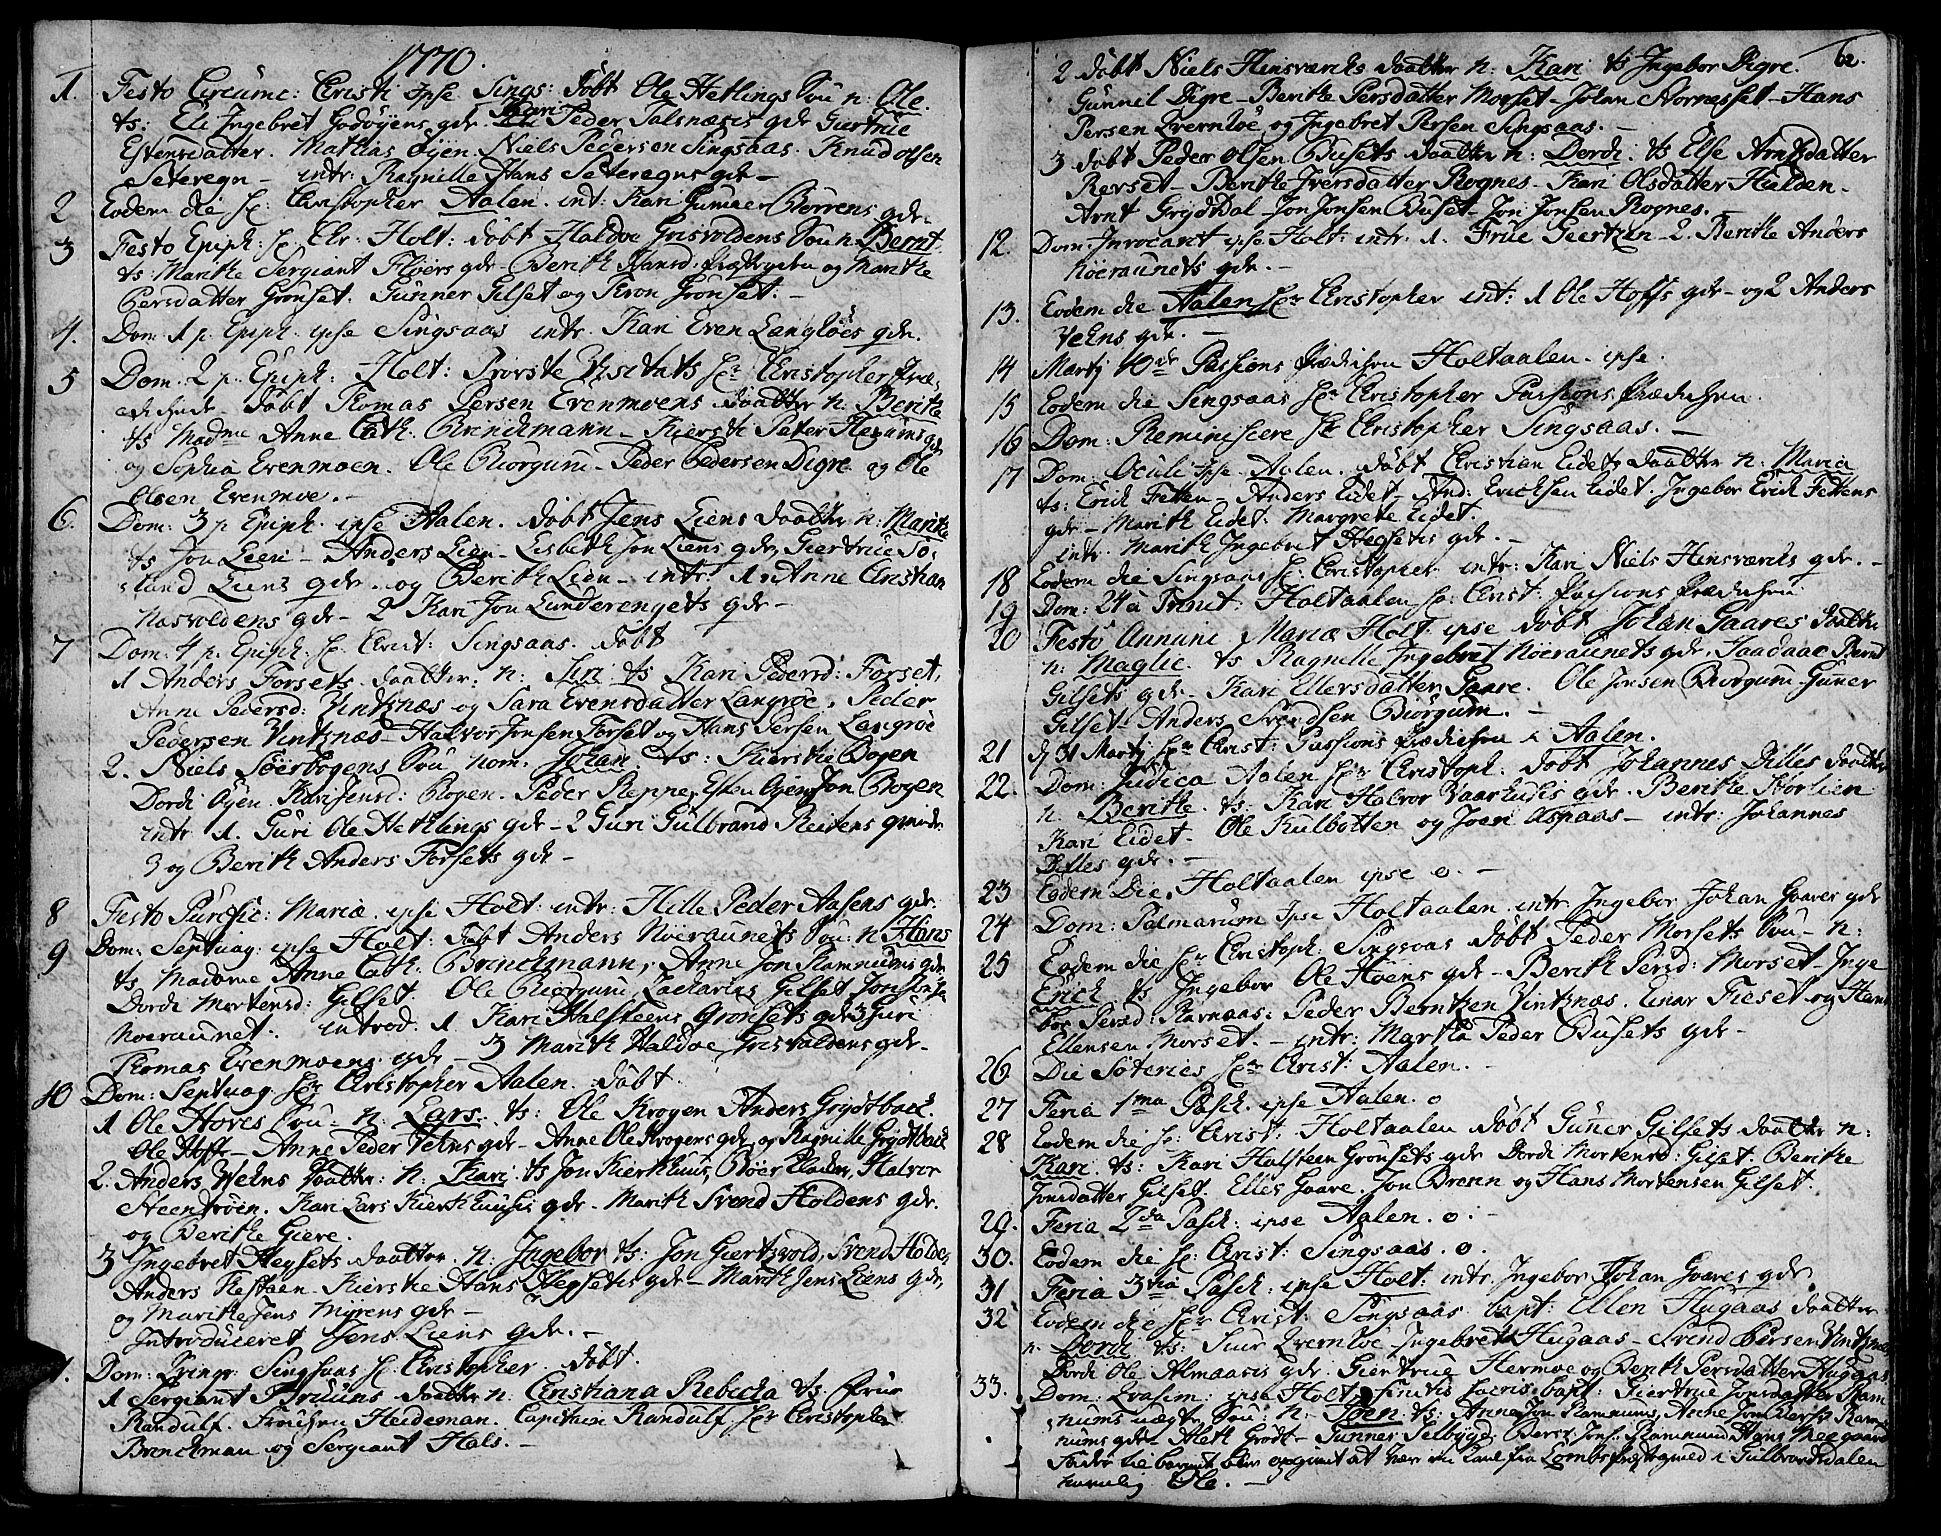 SAT, Ministerialprotokoller, klokkerbøker og fødselsregistre - Sør-Trøndelag, 685/L0952: Ministerialbok nr. 685A01, 1745-1804, s. 62